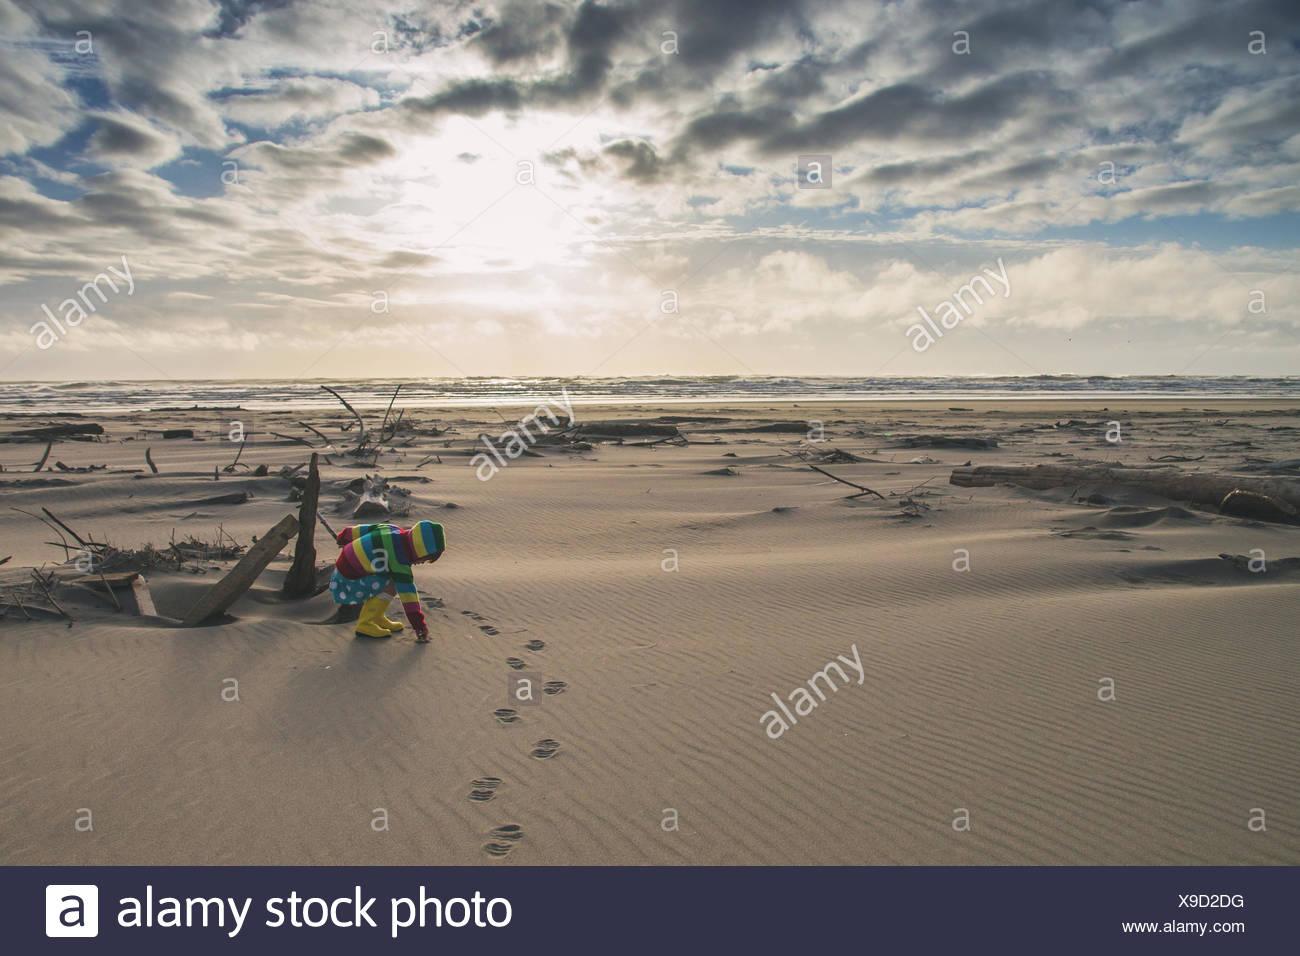 Girl on beach bending down - Stock Image